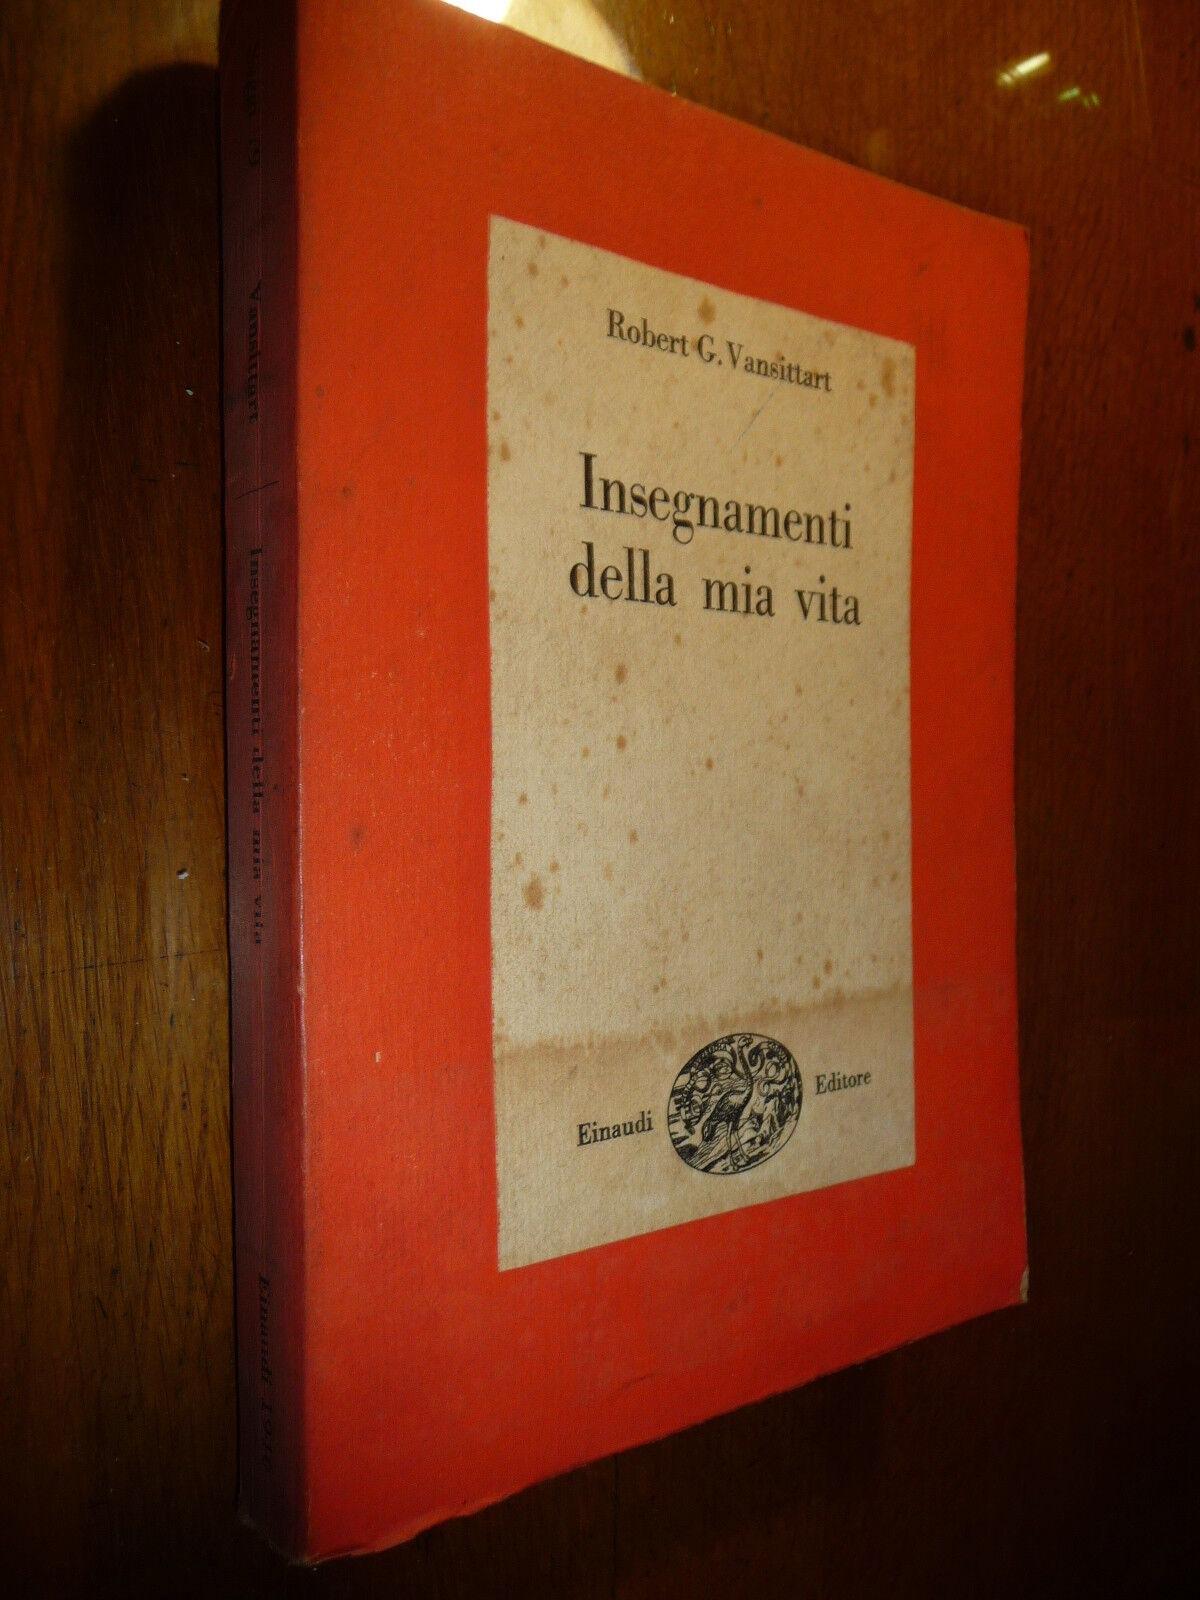 INSEGNAMENTI DELLA MIA VITA ROBERT G. VANSITTART IMPORTANTE UOMO POLITICO INGLES